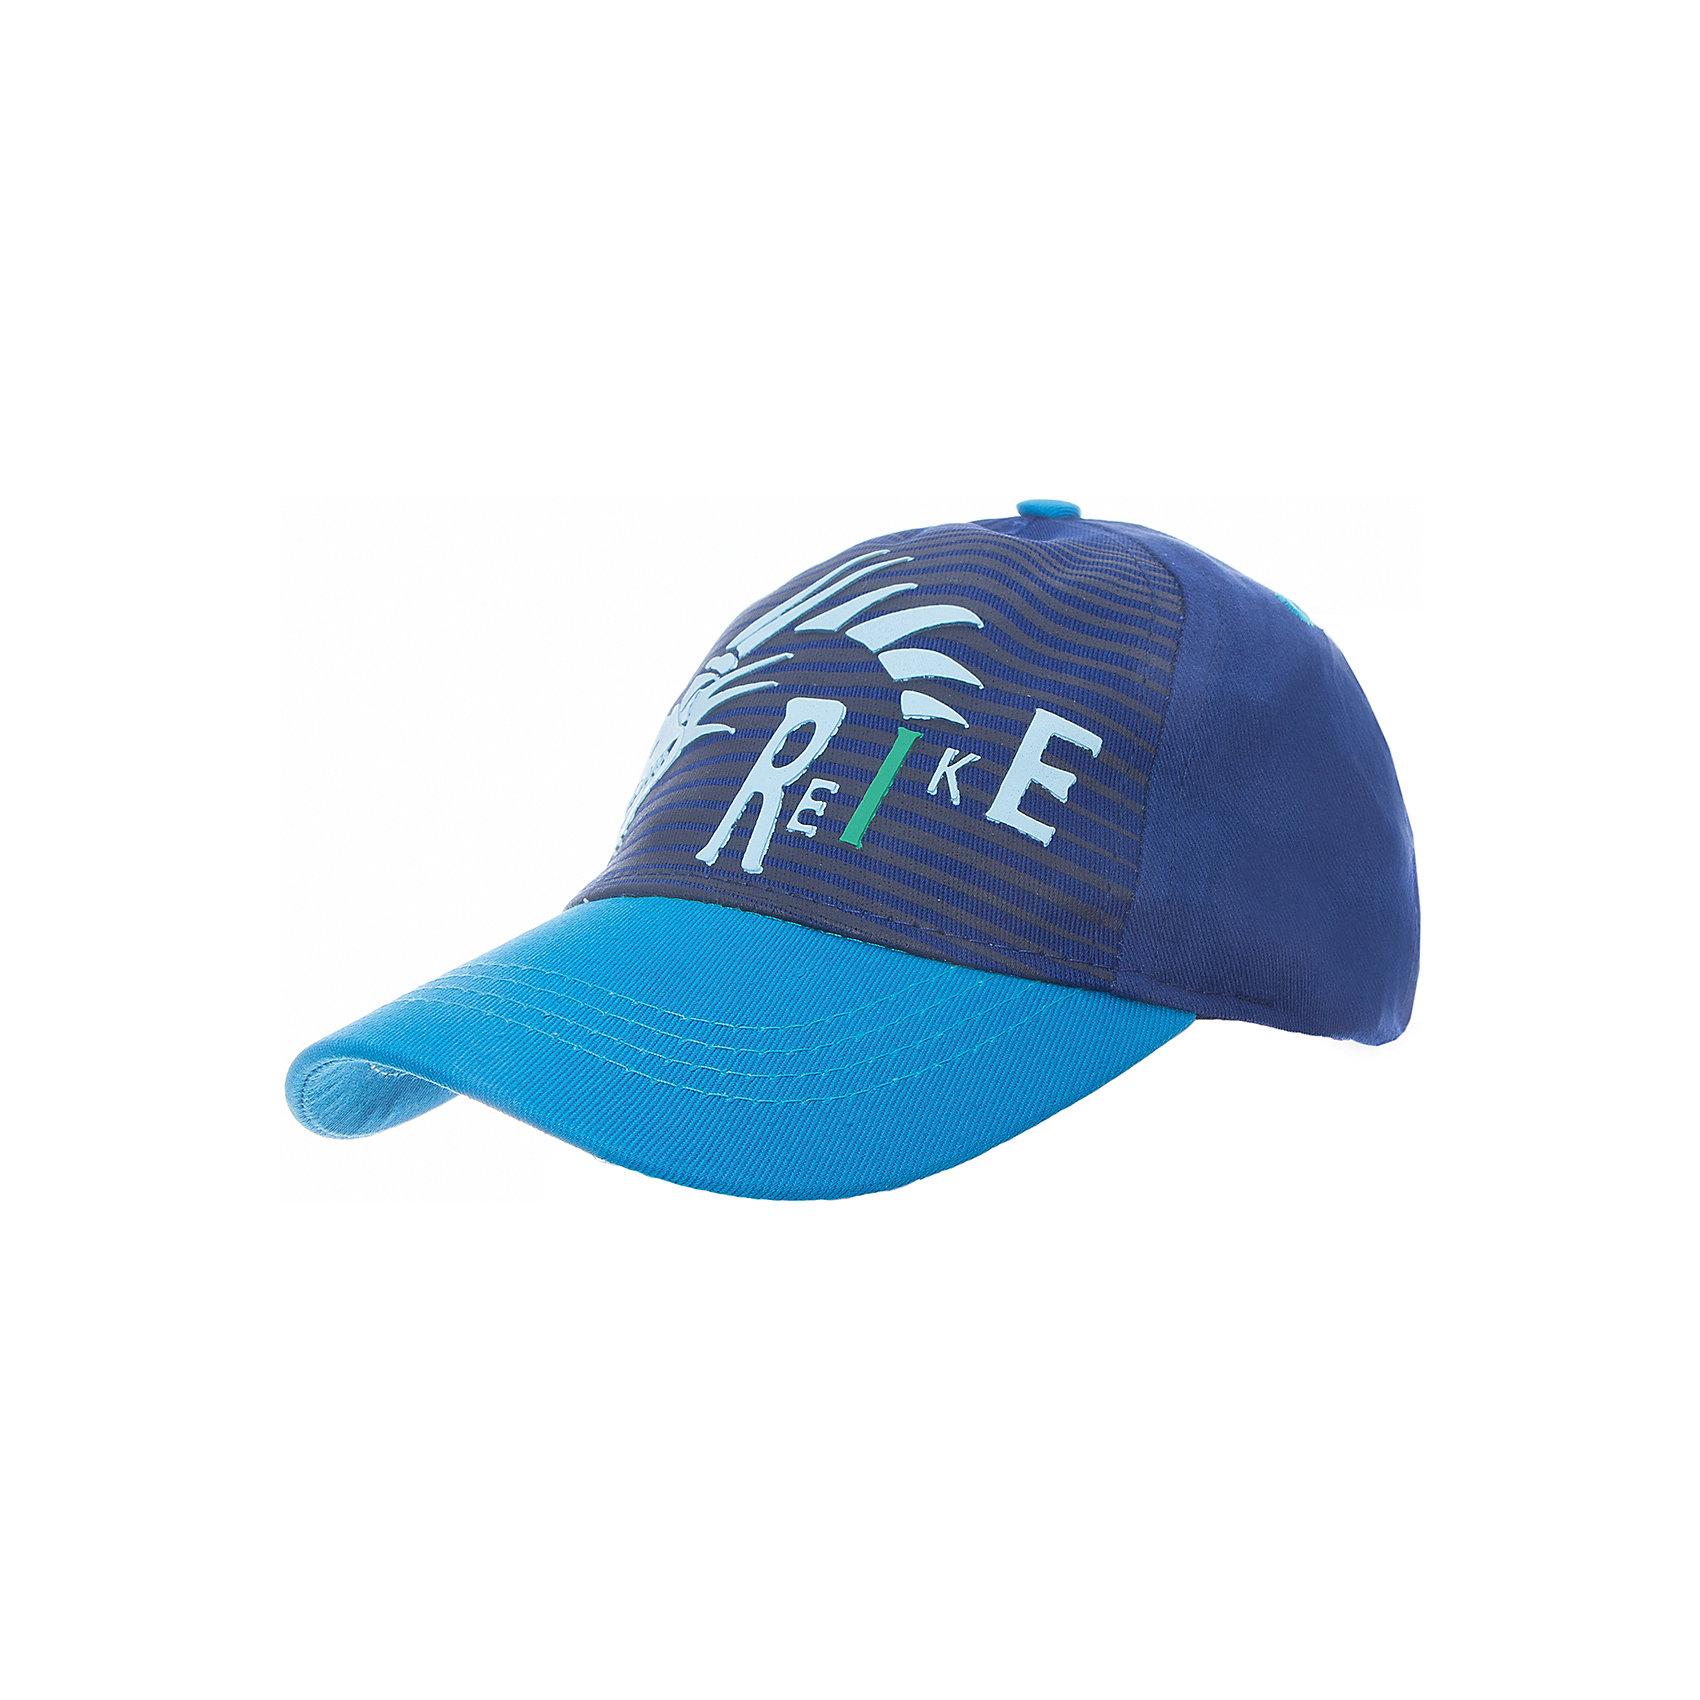 Кепка Reike для мальчикаШапки и шарфы<br>Характеристики товара:<br><br>• цвет: синий<br>• состав: 100% хлопок<br>• декорирована принтом <br>• мягкий материал<br>• страна бренда: Финляндия<br><br>Новая коллекция от известного финского производителя Reike отличается ярким дизайном, продуманностью и комфортом! Эта модель разработана специально для детей - она учитывает особенности их физиологии, а также новые тенденции в европейской моде. Стильная и удобная вещь!<br><br>Кепку для мальчика от популярного бренда Reike можно купить в нашем интернет-магазине.<br><br>Ширина мм: 89<br>Глубина мм: 117<br>Высота мм: 44<br>Вес г: 155<br>Цвет: синий<br>Возраст от месяцев: 24<br>Возраст до месяцев: 36<br>Пол: Мужской<br>Возраст: Детский<br>Размер: 50,54,52<br>SKU: 5430532